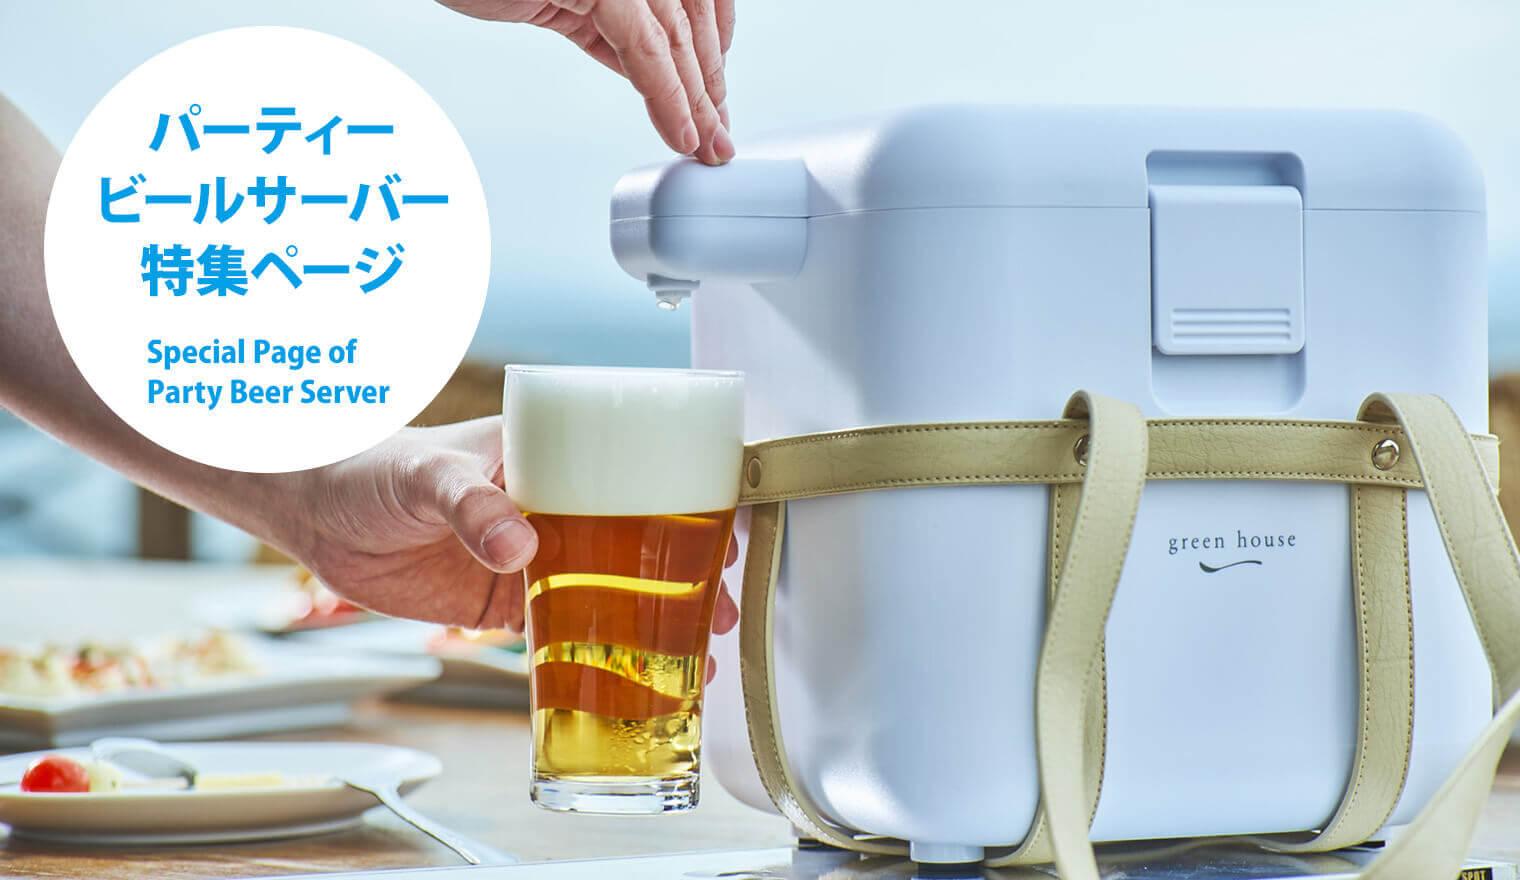 パーティービールサーバー特集